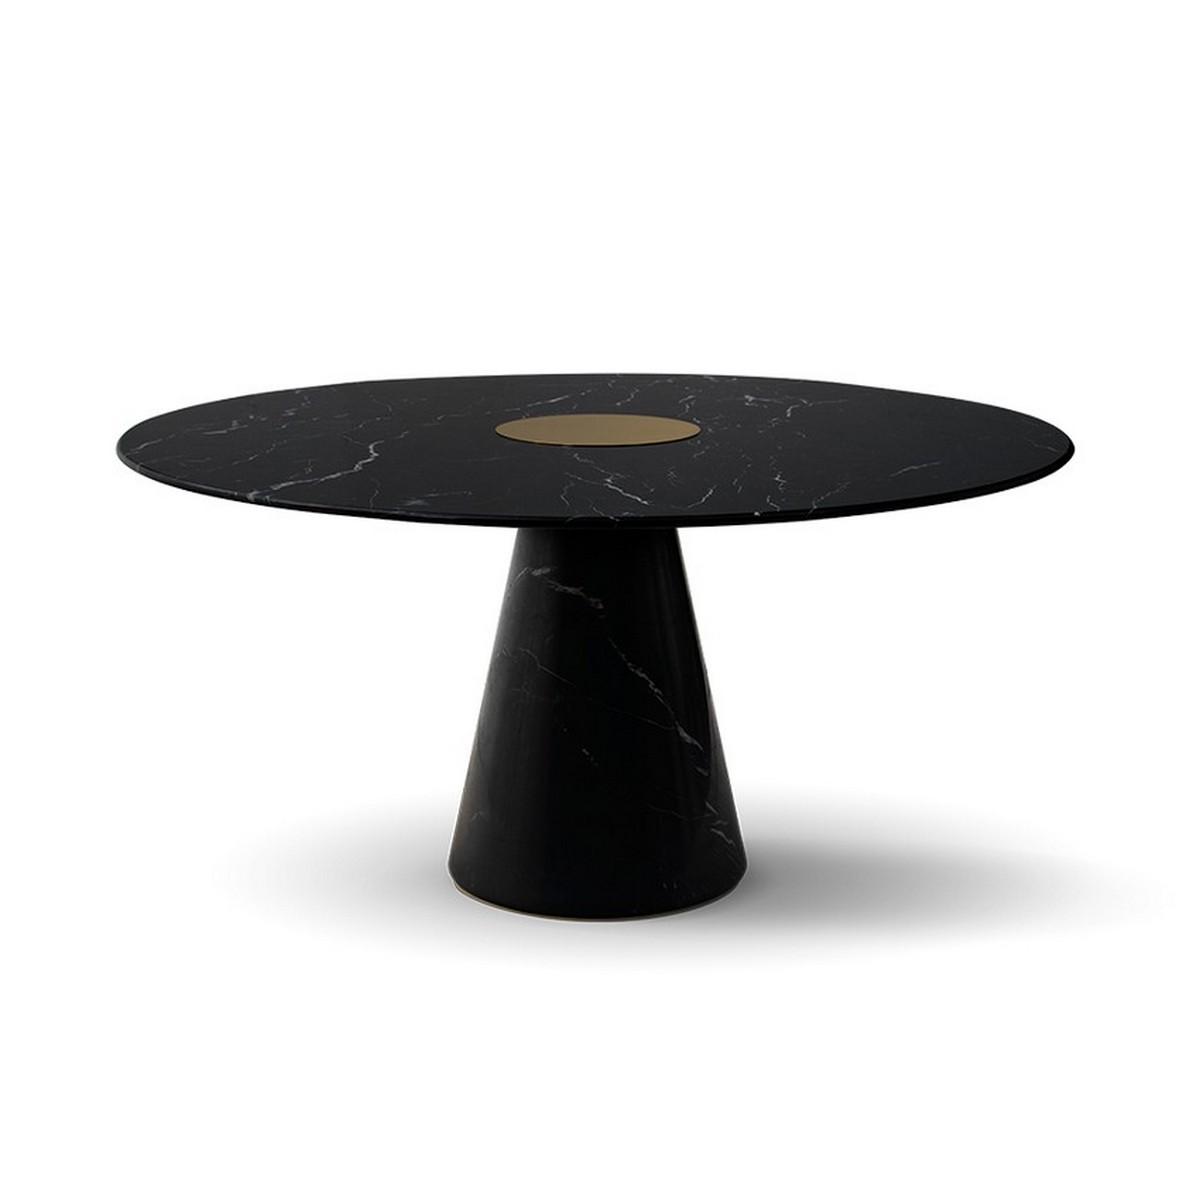 Tendencia de Mesas poderosas y elegantes: lujo en mármol [object object] Tendencia de Mesas poderosas y elegantes:  lujo en mármol bertoia round dining table 1